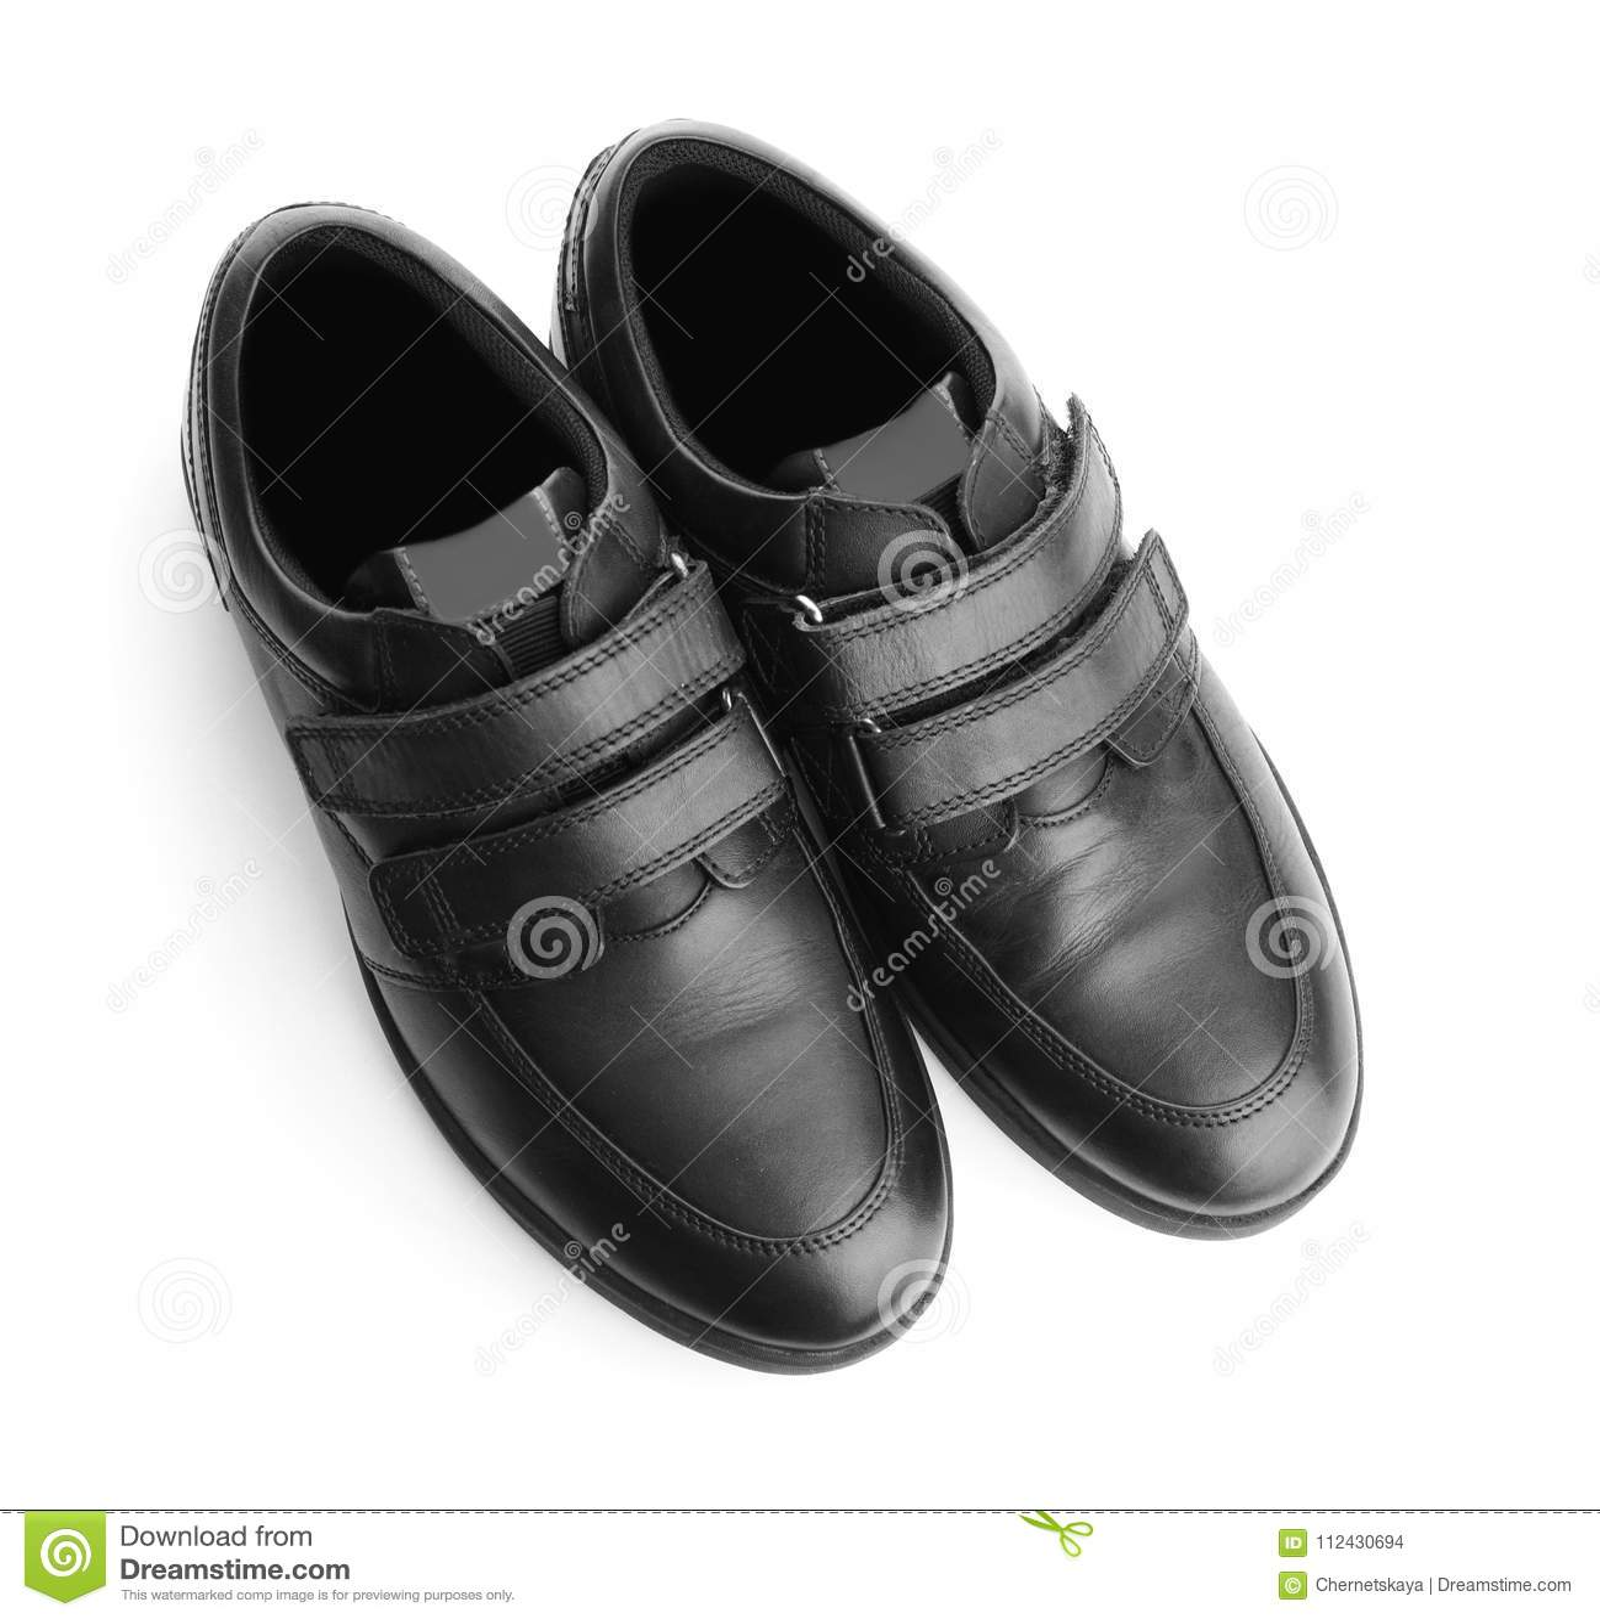 a2524a9196c Περιστασιακά αρσενικά παπούτσια Στοκ Εικόνες - εικόνα από ...